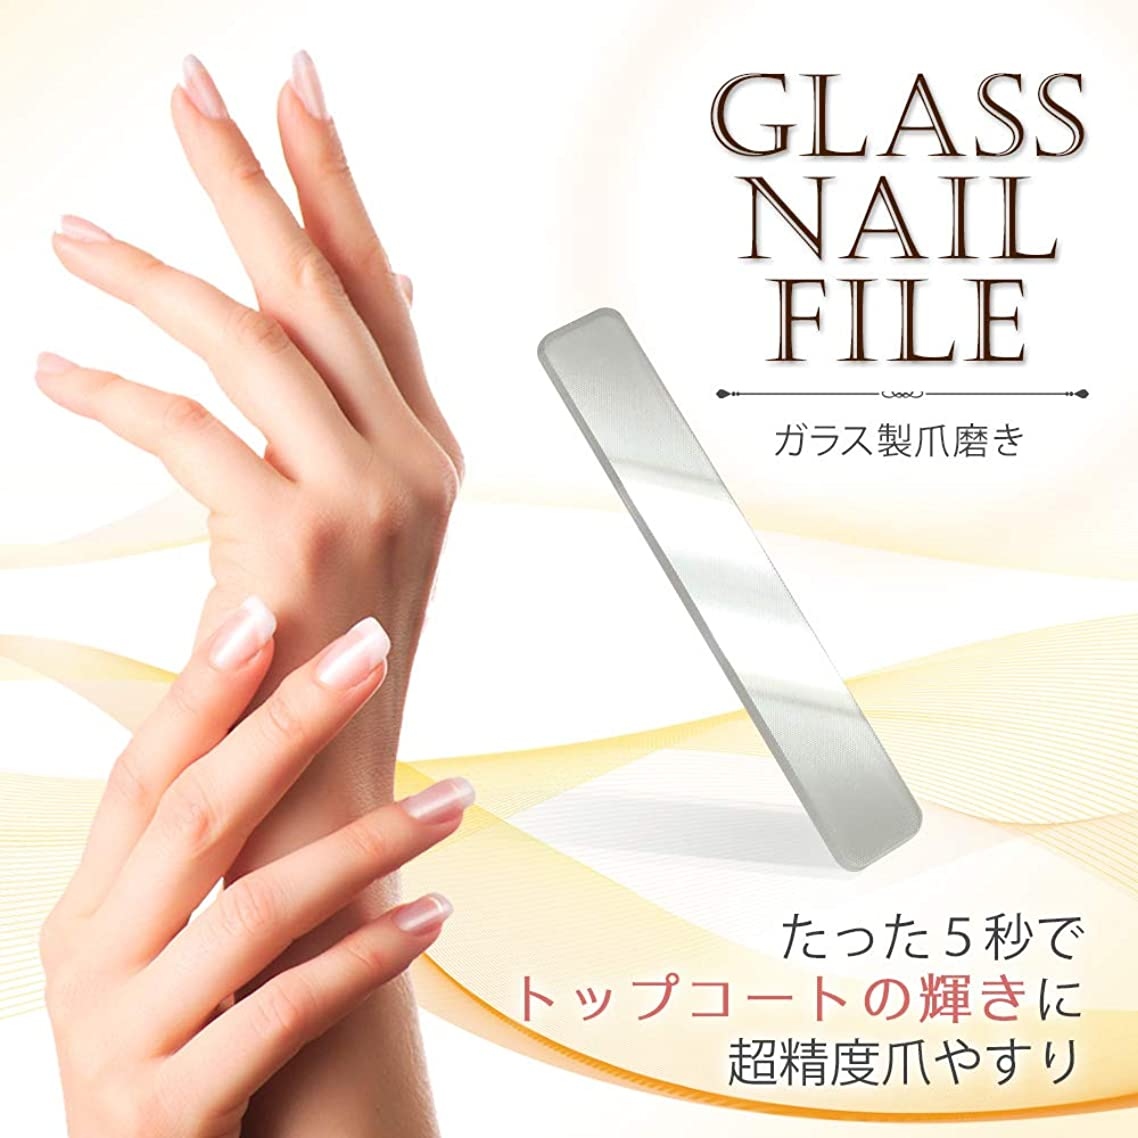 有名ブロックお誕生日5秒で実感 Glass Nail File (ガラス製 爪やすり 爪みがき つめみがき 爪磨き ネイルファイル ネイルシャイナー グラスシャイナー バッファー ネイルケア 爪ケア)